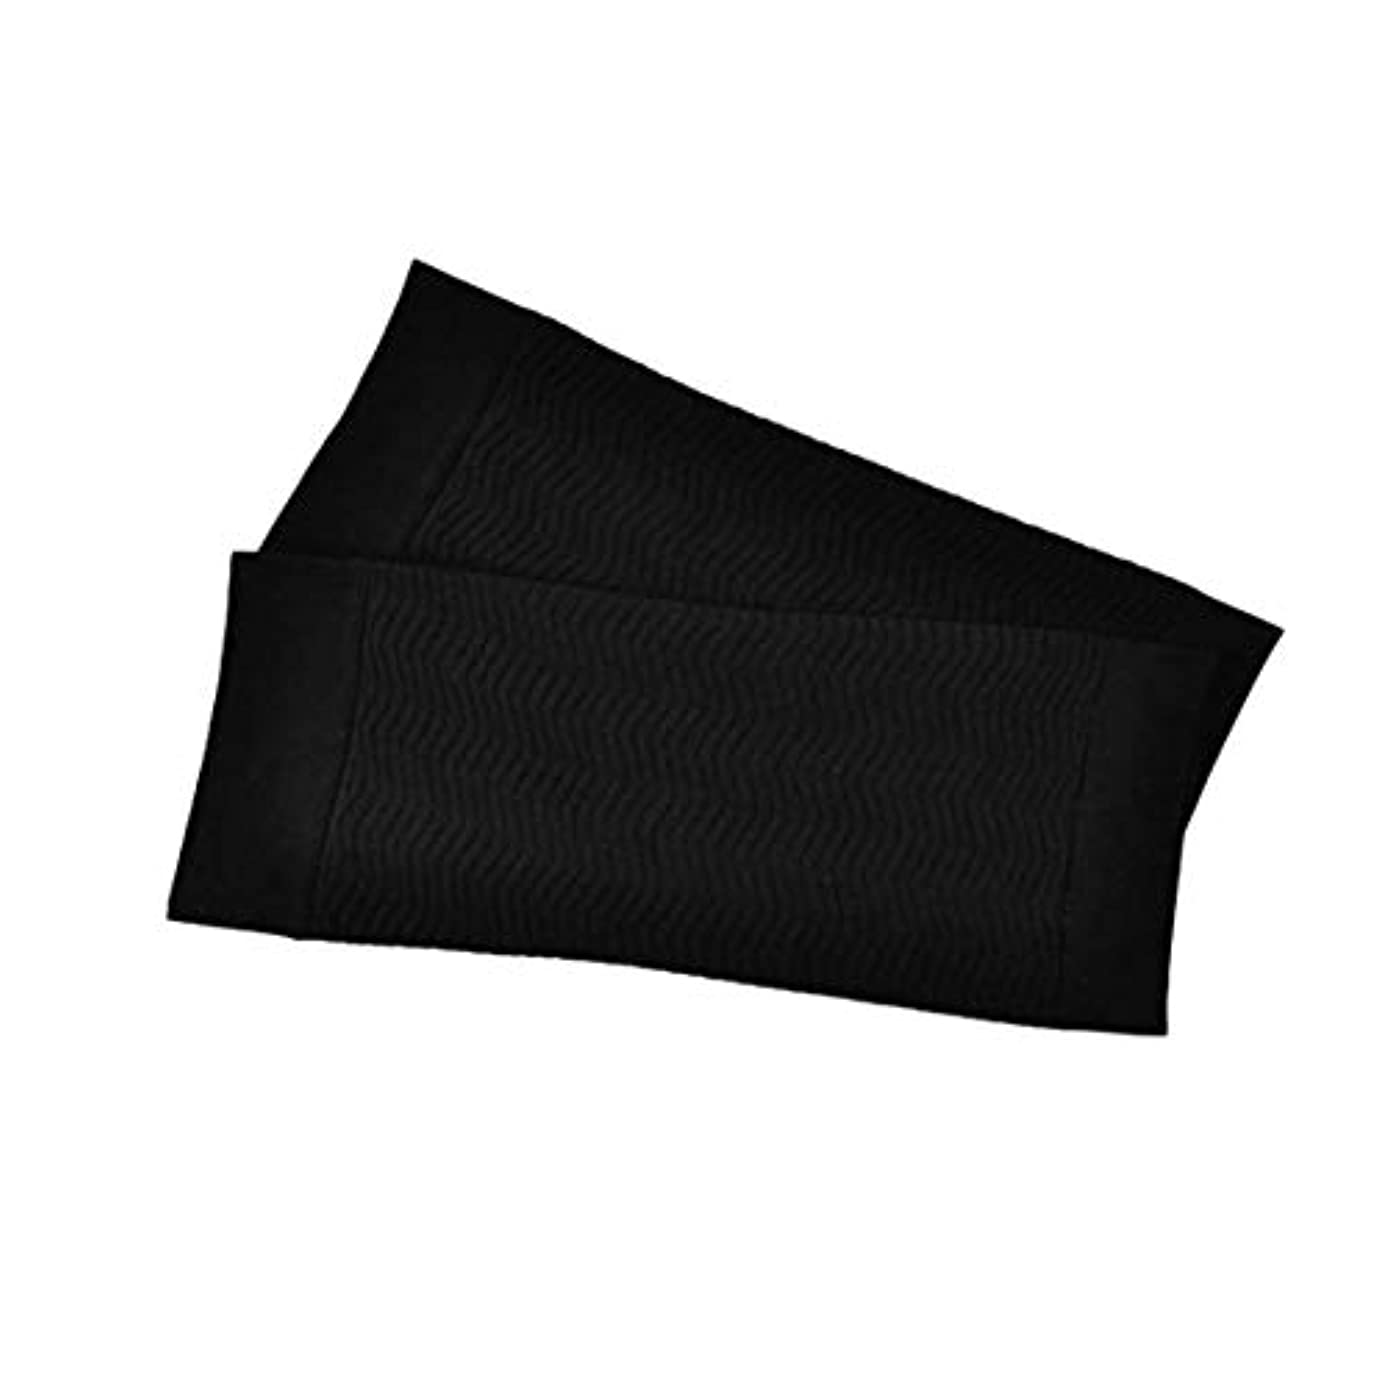 しばしば急いで風変わりな1ペア680 D圧縮アームシェイパーワークアウトトーニングバーンセルライトスリミングアームスリーブ脂肪燃焼半袖用女性 - ブラック